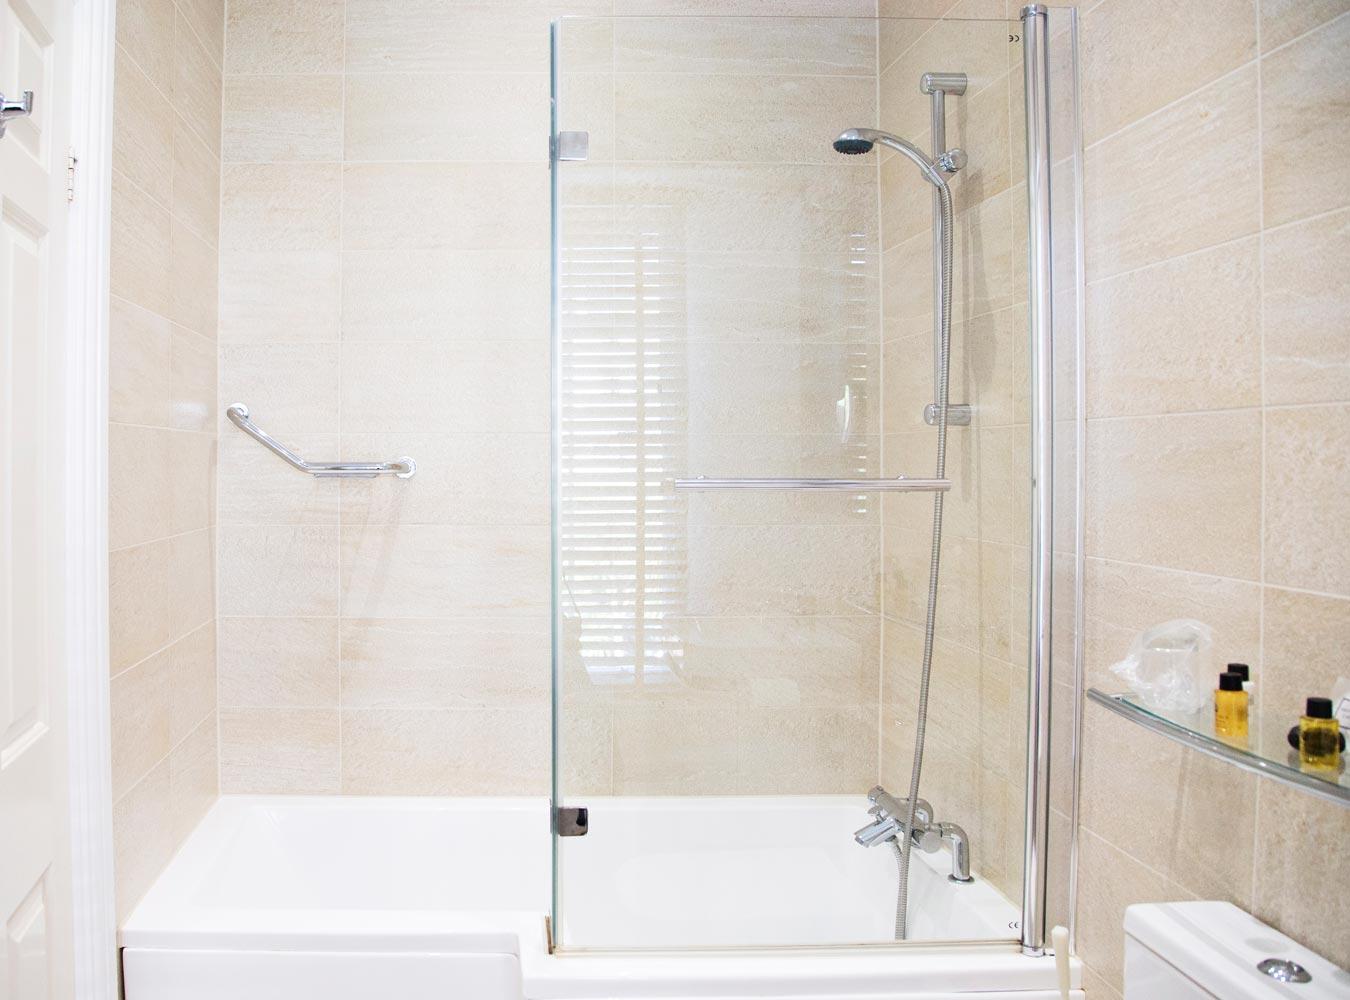 27x20_room5-bathroom